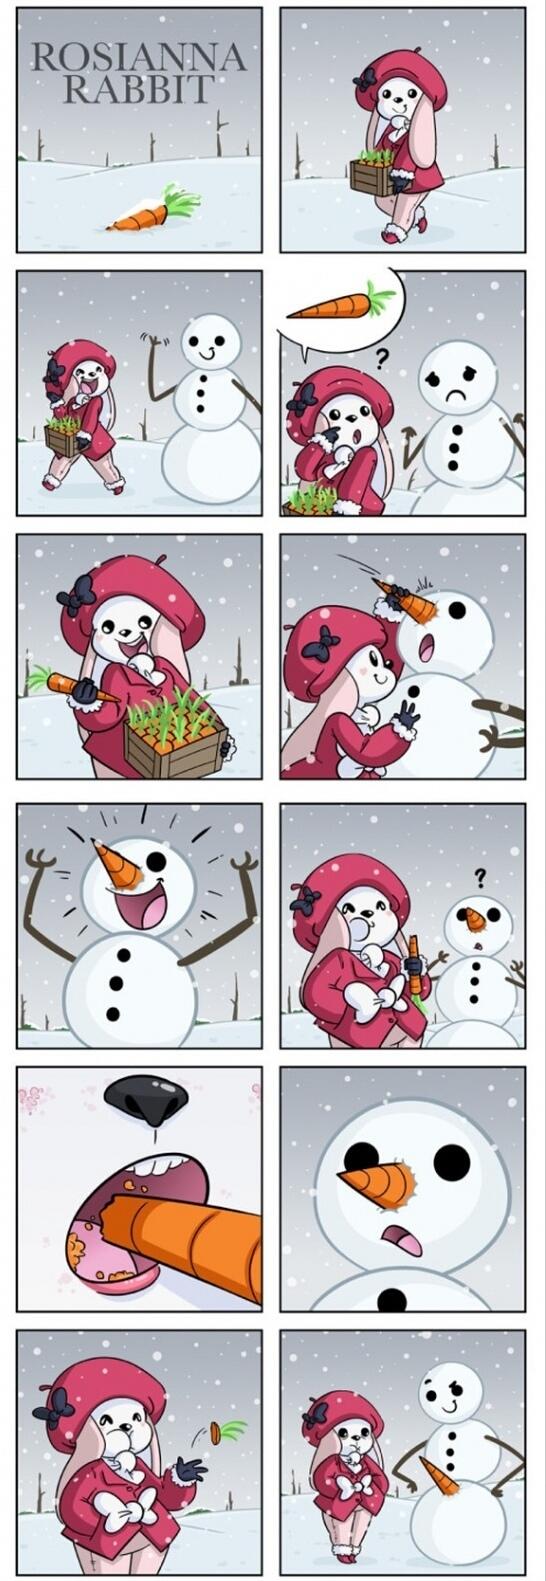 Muñeco de nieve listo - meme